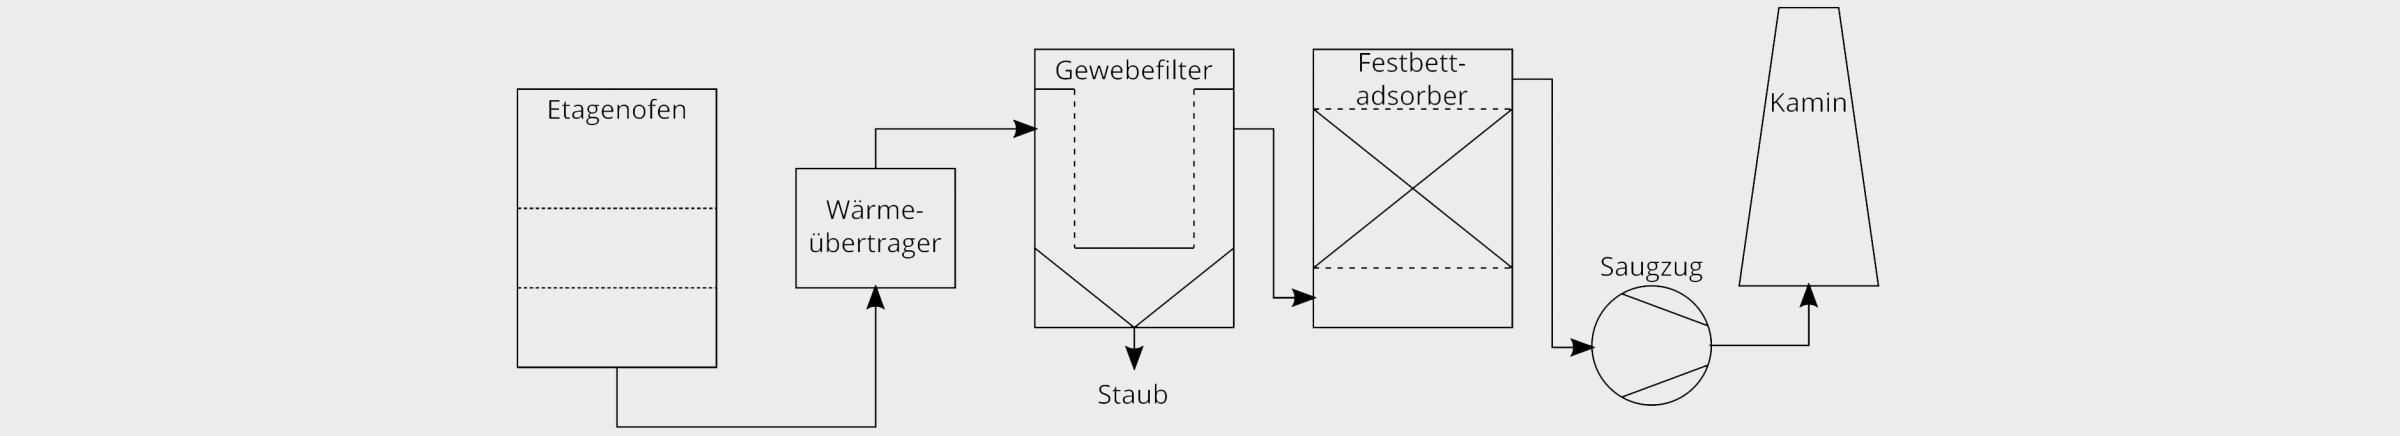 Bild 1. Verfahrensschema eines Krematoriums mit Festbettfilter. Bild: Technische Universität Dresden